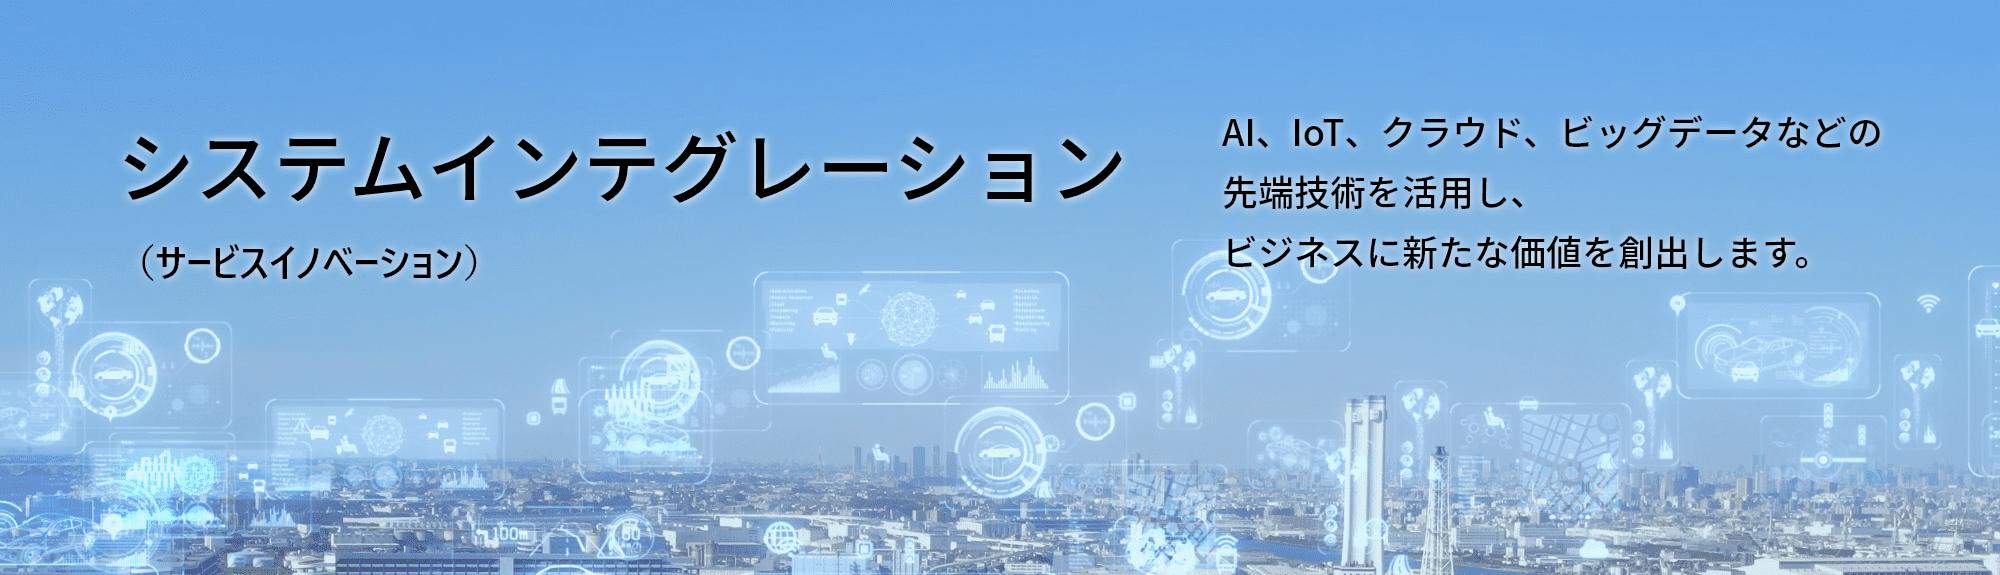 システムインテグレーション(サービスイノベーション)AI、IoT、クラウド、ビッグデータなどの先端技術を活用し、ビジネスに新たな価値を創出します。